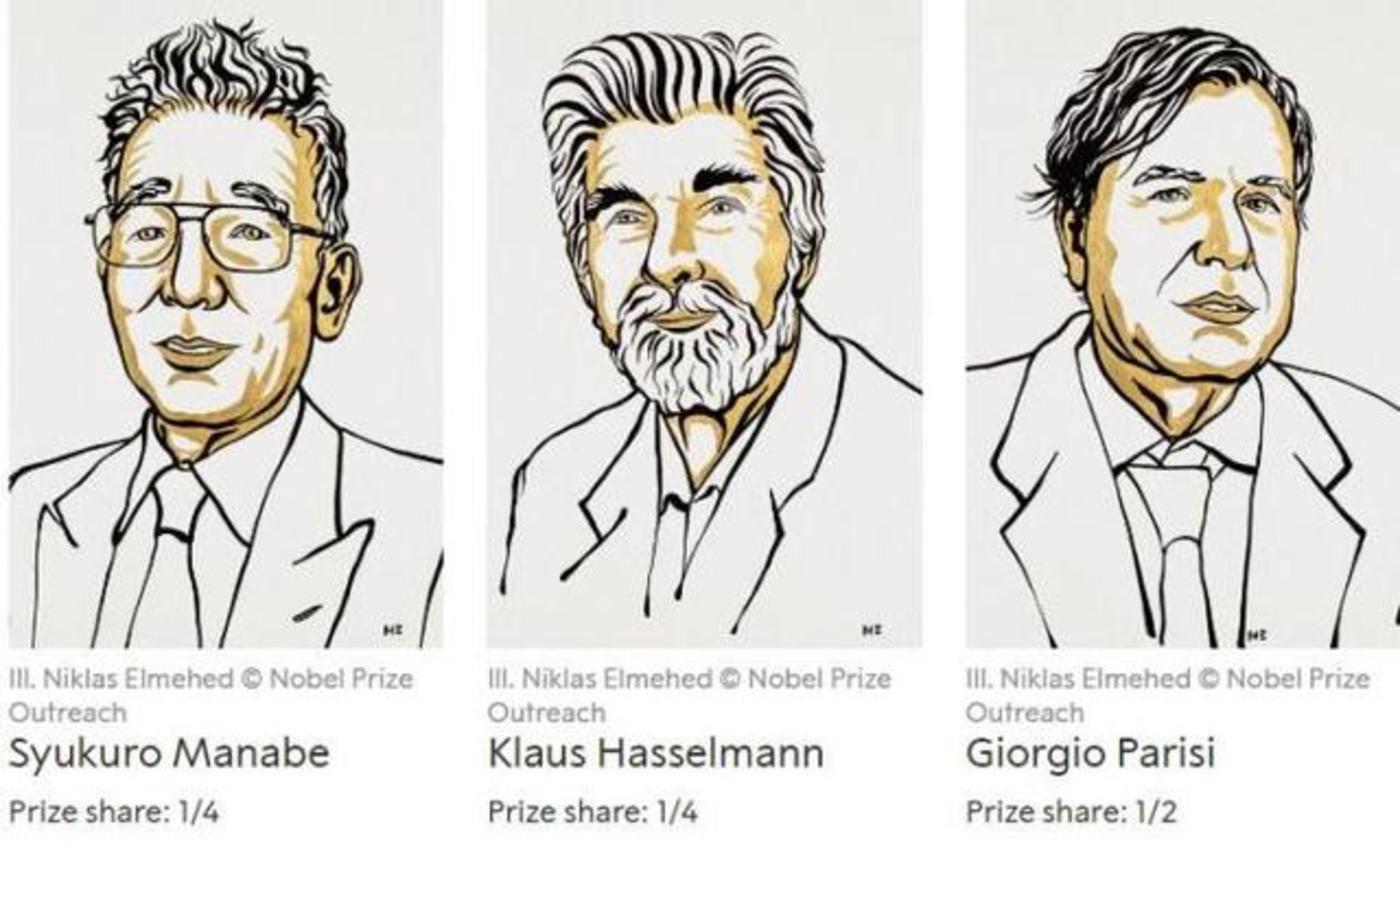 三位科学家共享2021年诺贝尔物理学奖